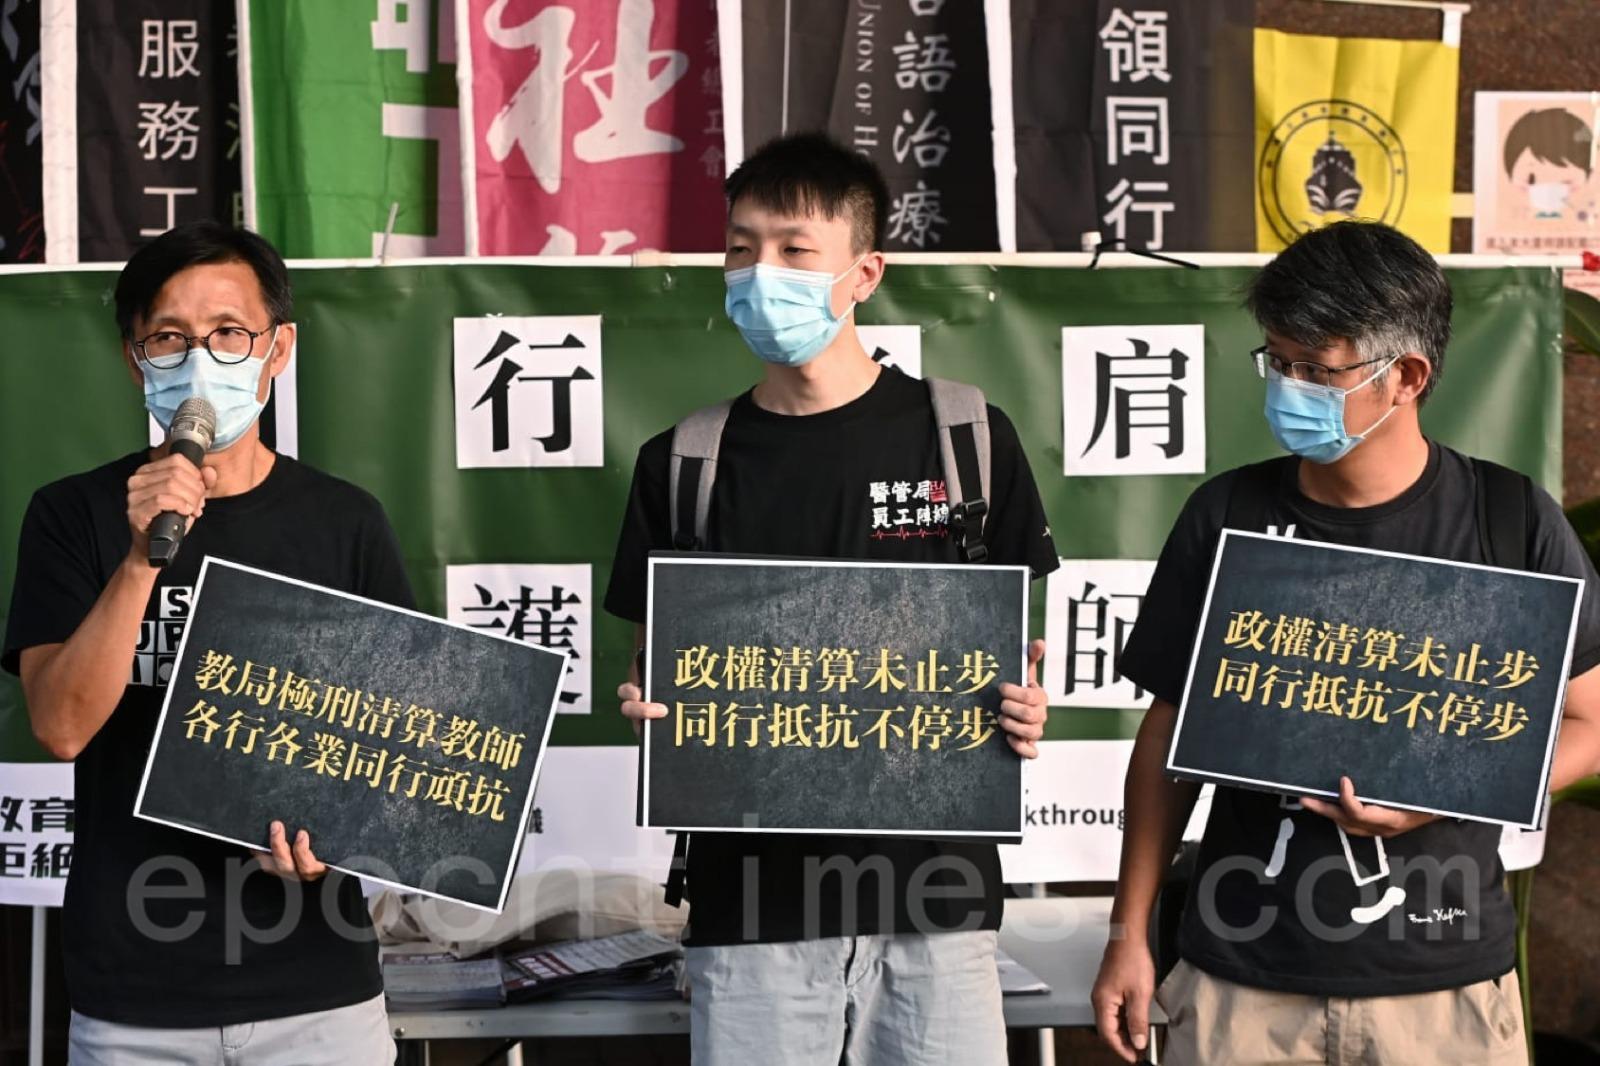 10月16日,多個團體和工會,呼籲公眾關注教師被釘牌一事,並要留意未來各行業被政府清算的情況。(宋碧龍/大紀元)